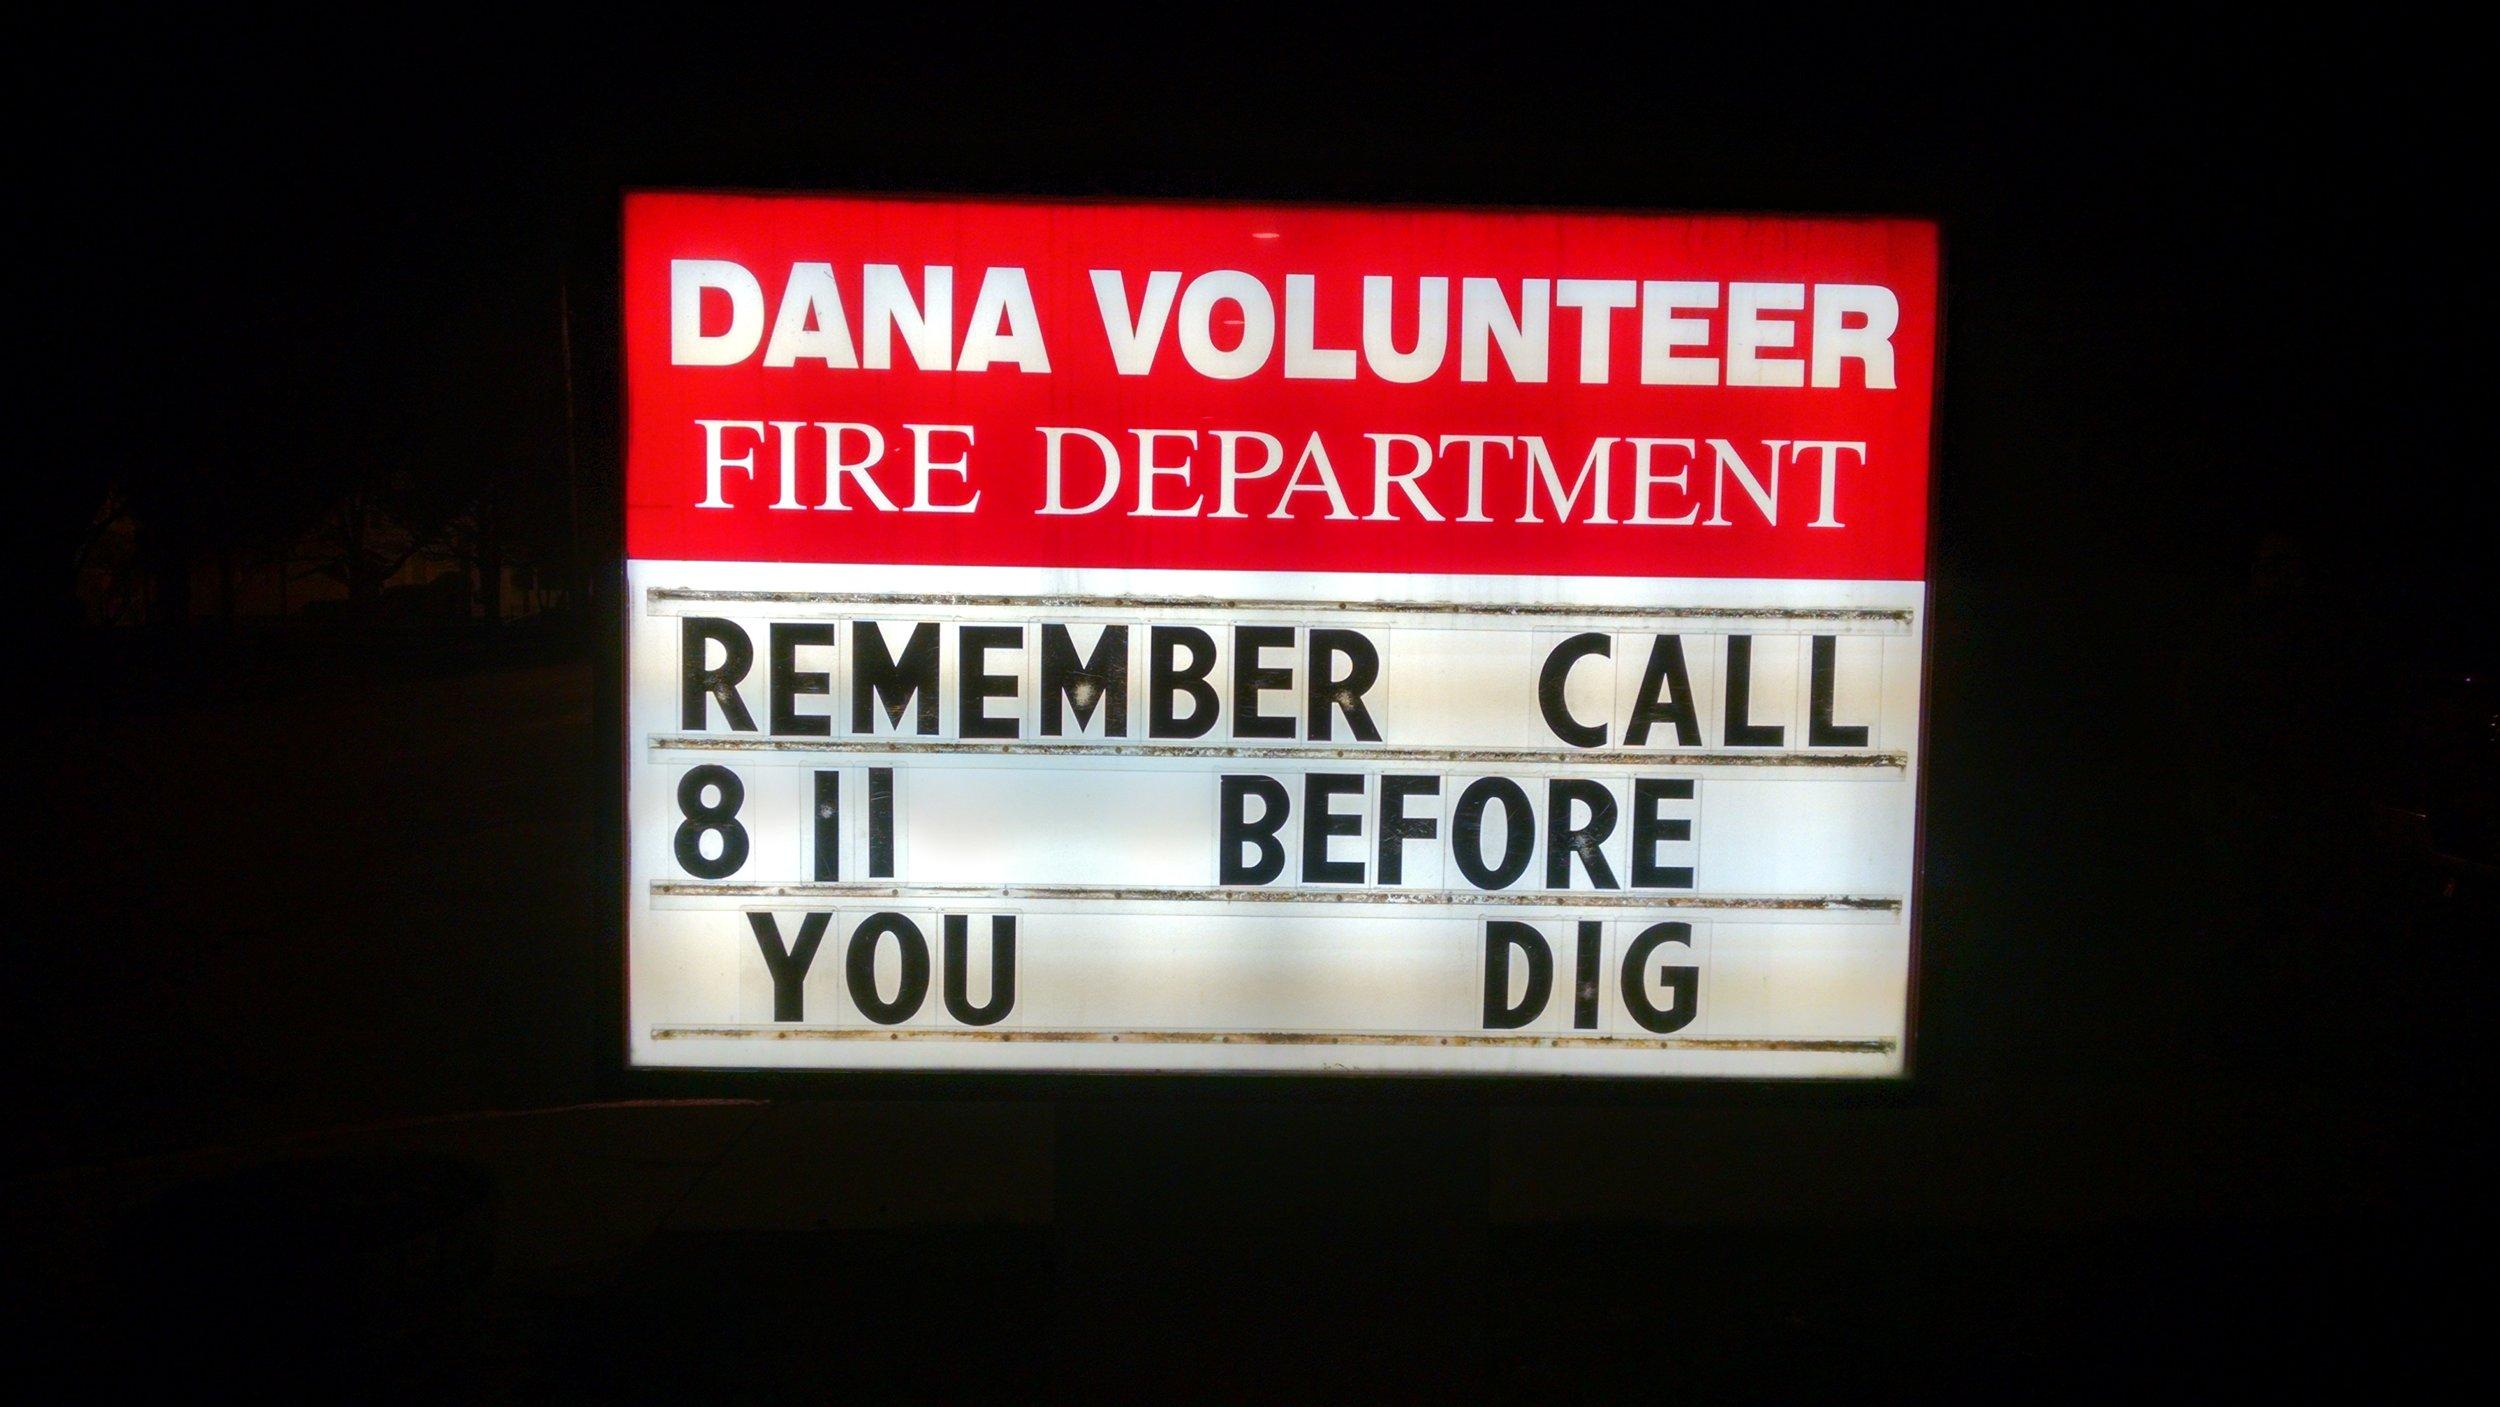 Dana Comm. Vol. Fire Department